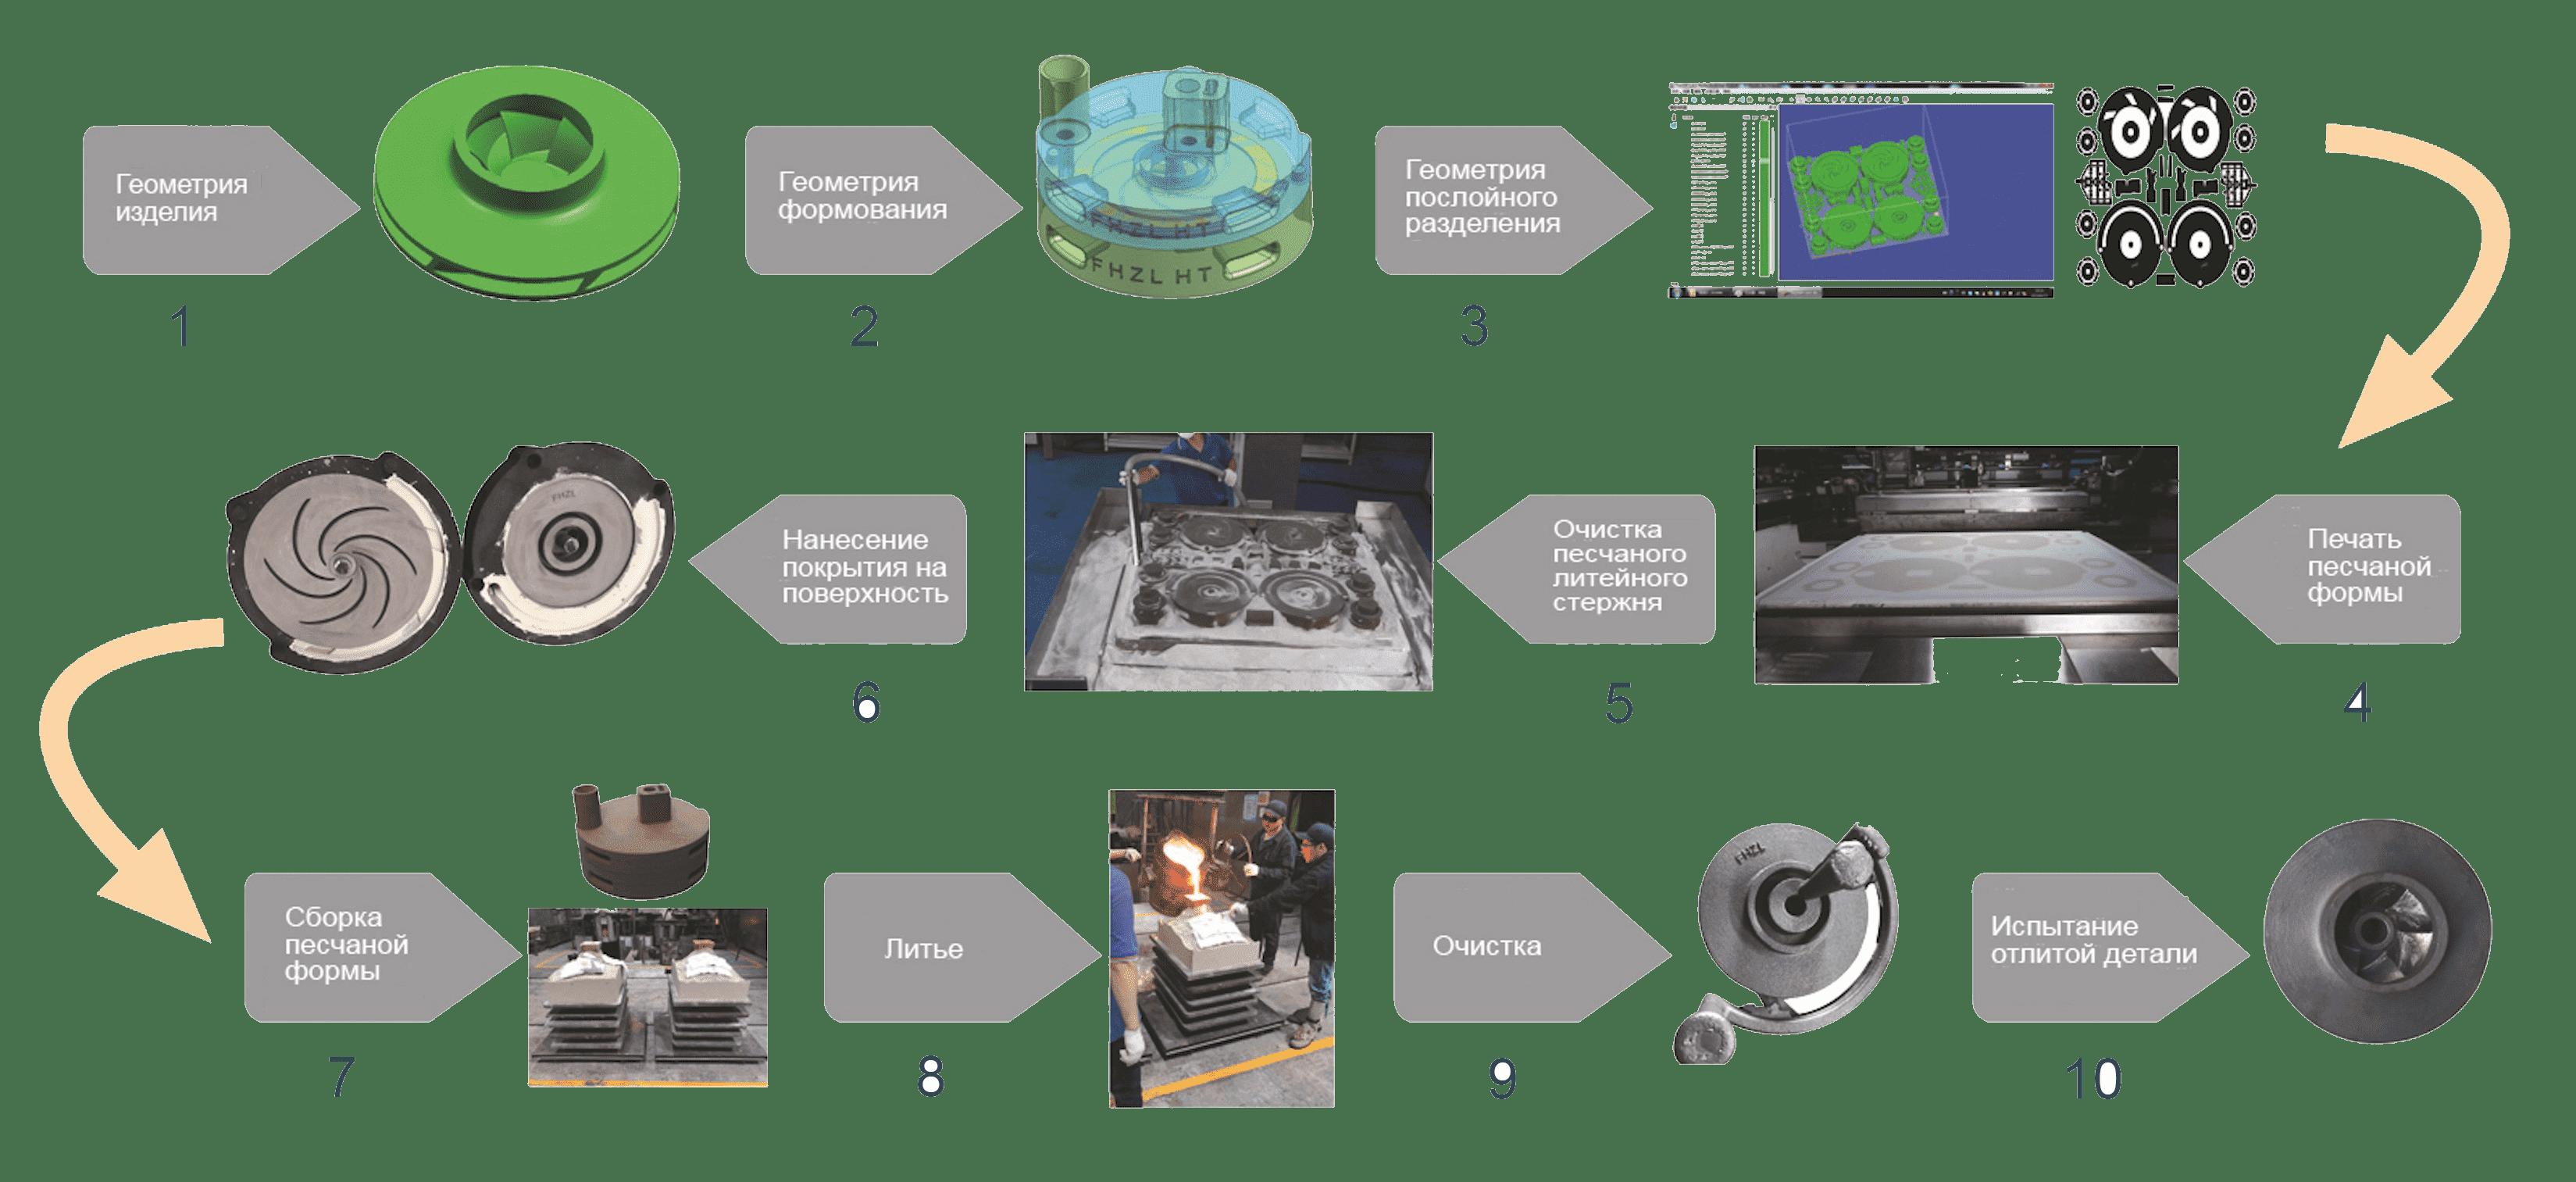 Процесс создания отливок по технологии PCM на оборудовании FHZL